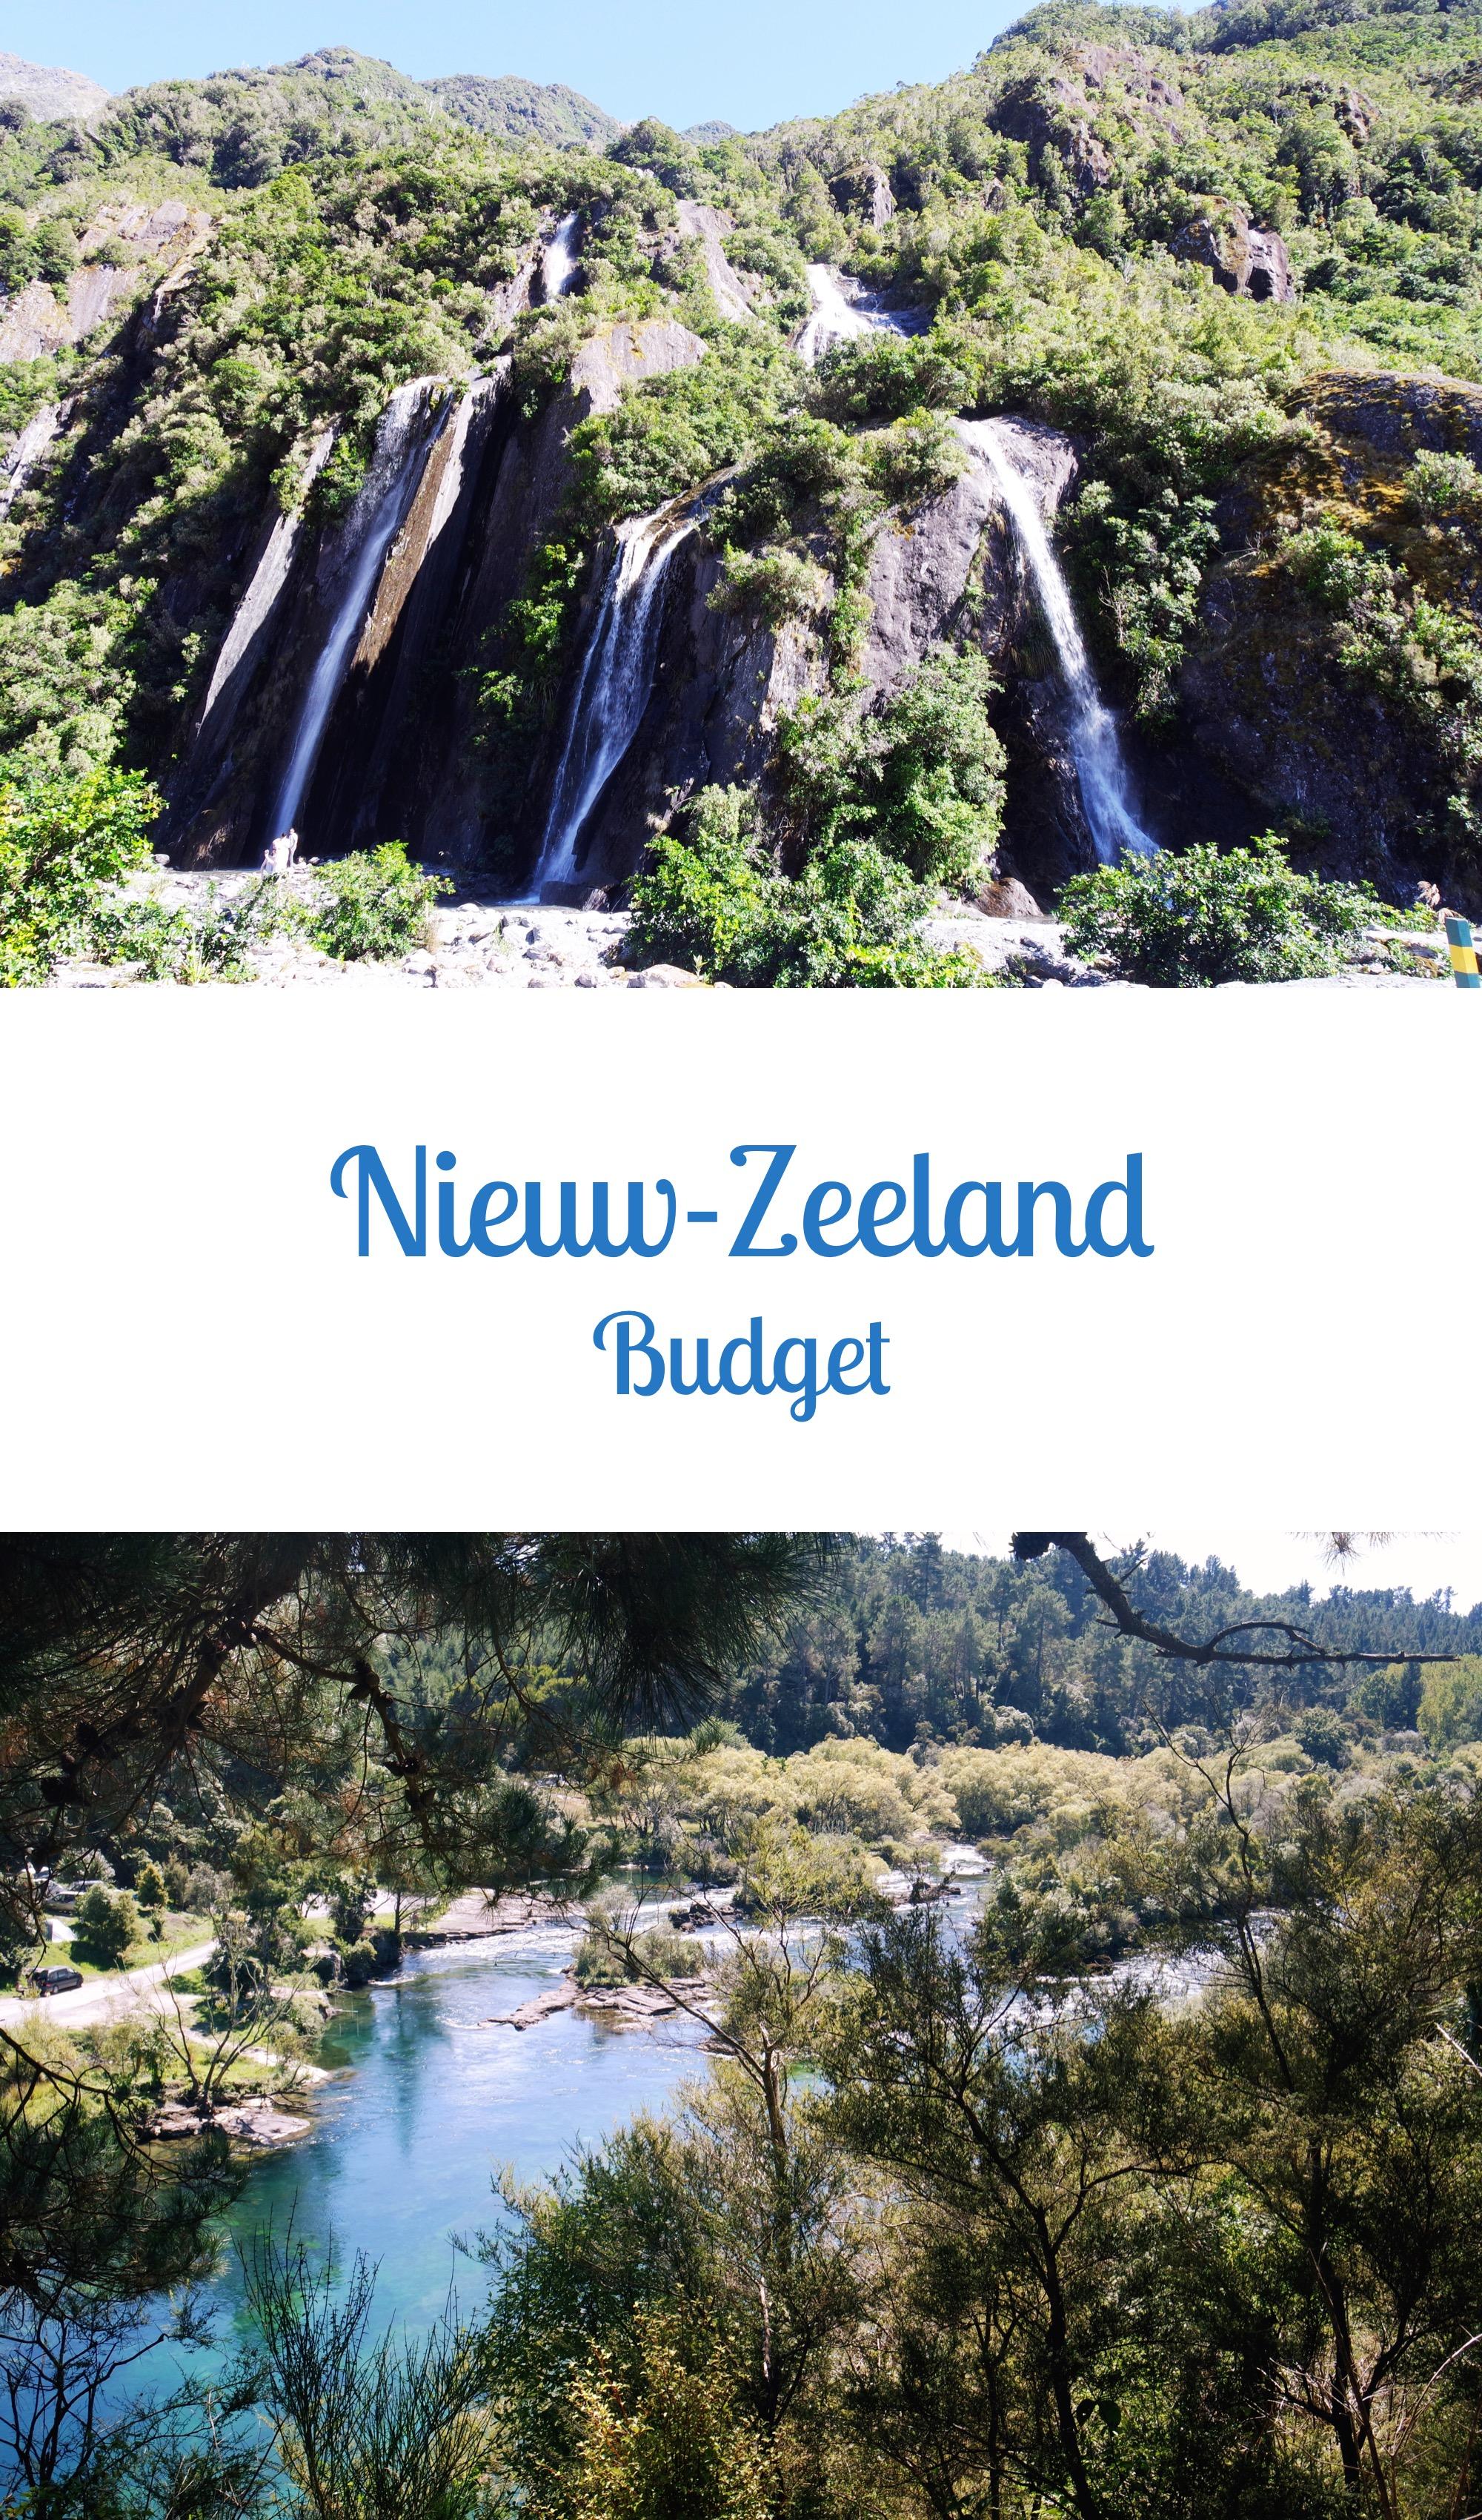 Nieuw-Zeeland: Budget